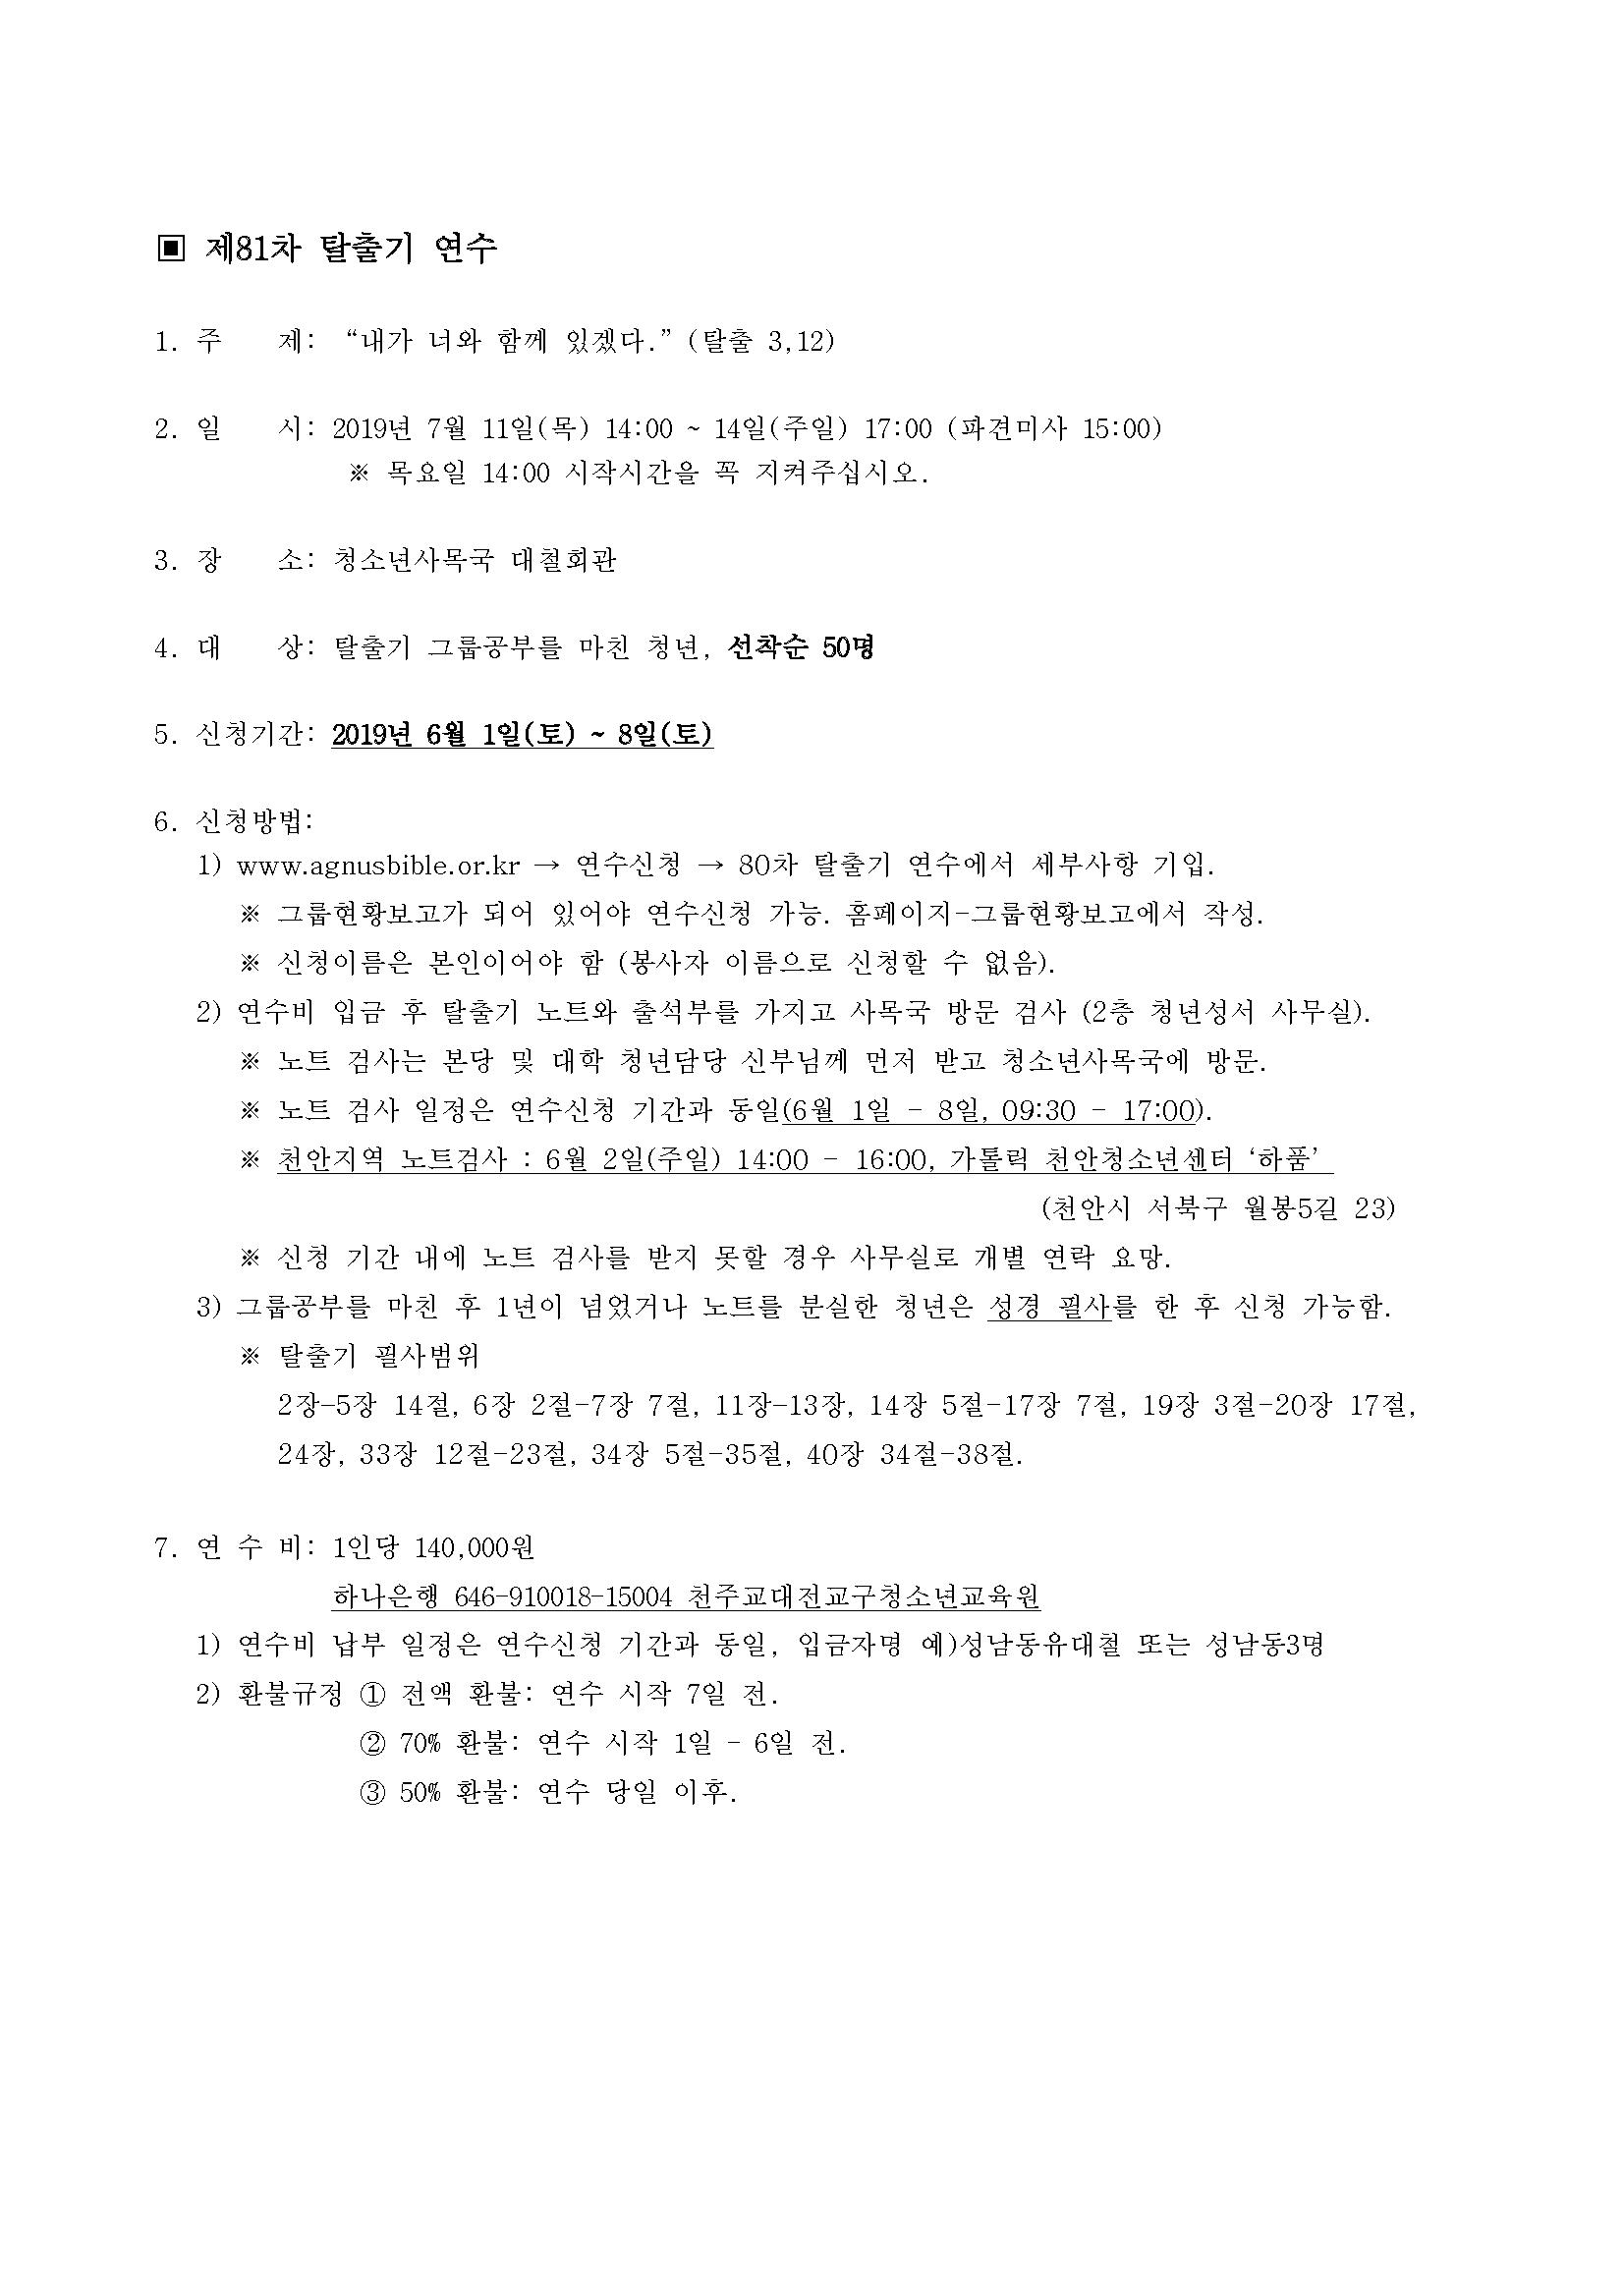 2019년 청년성서 여름연수 신청 안내 공문_Page_3.png